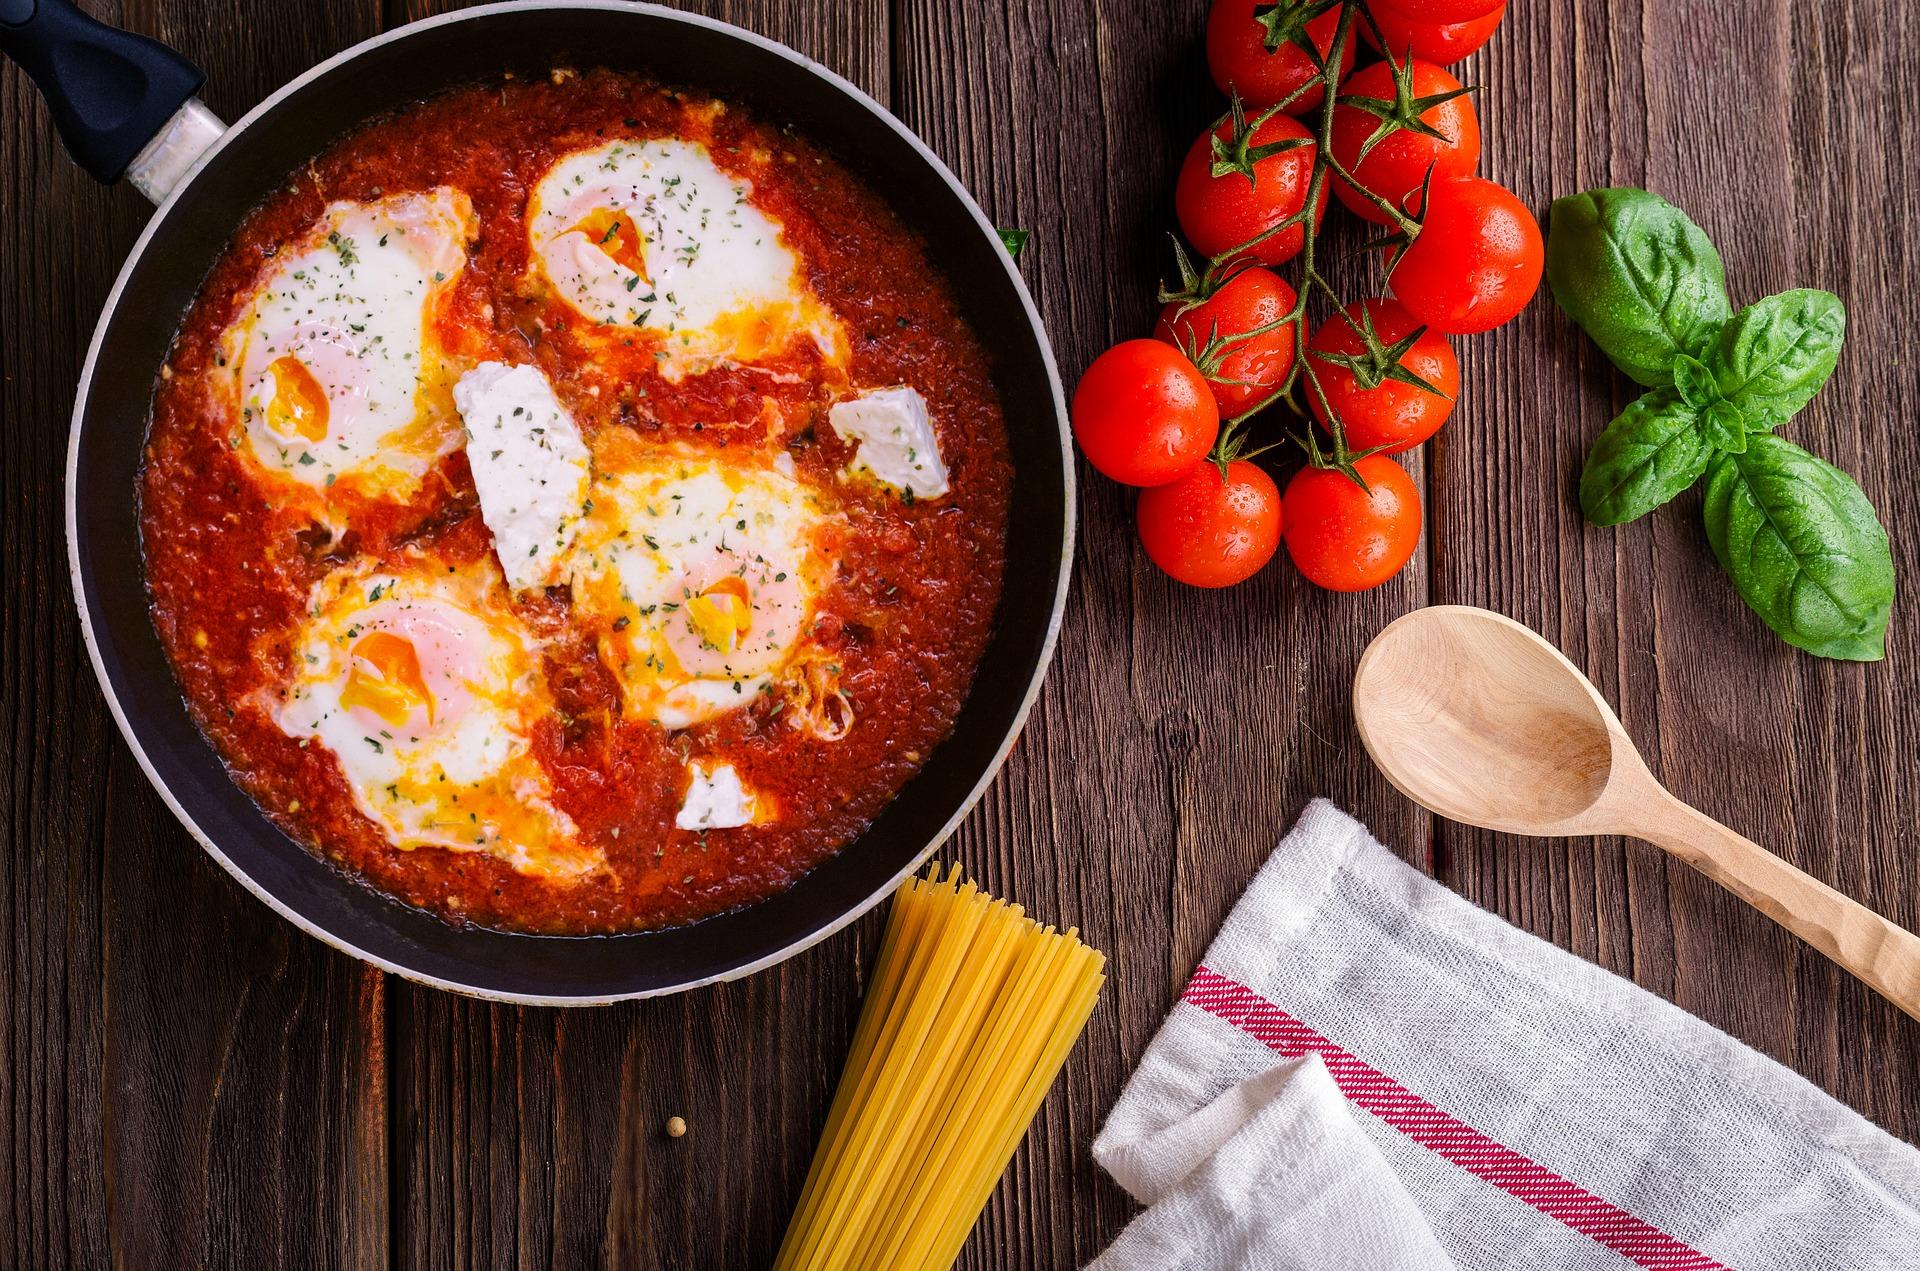 uovo con pomodoro e pane